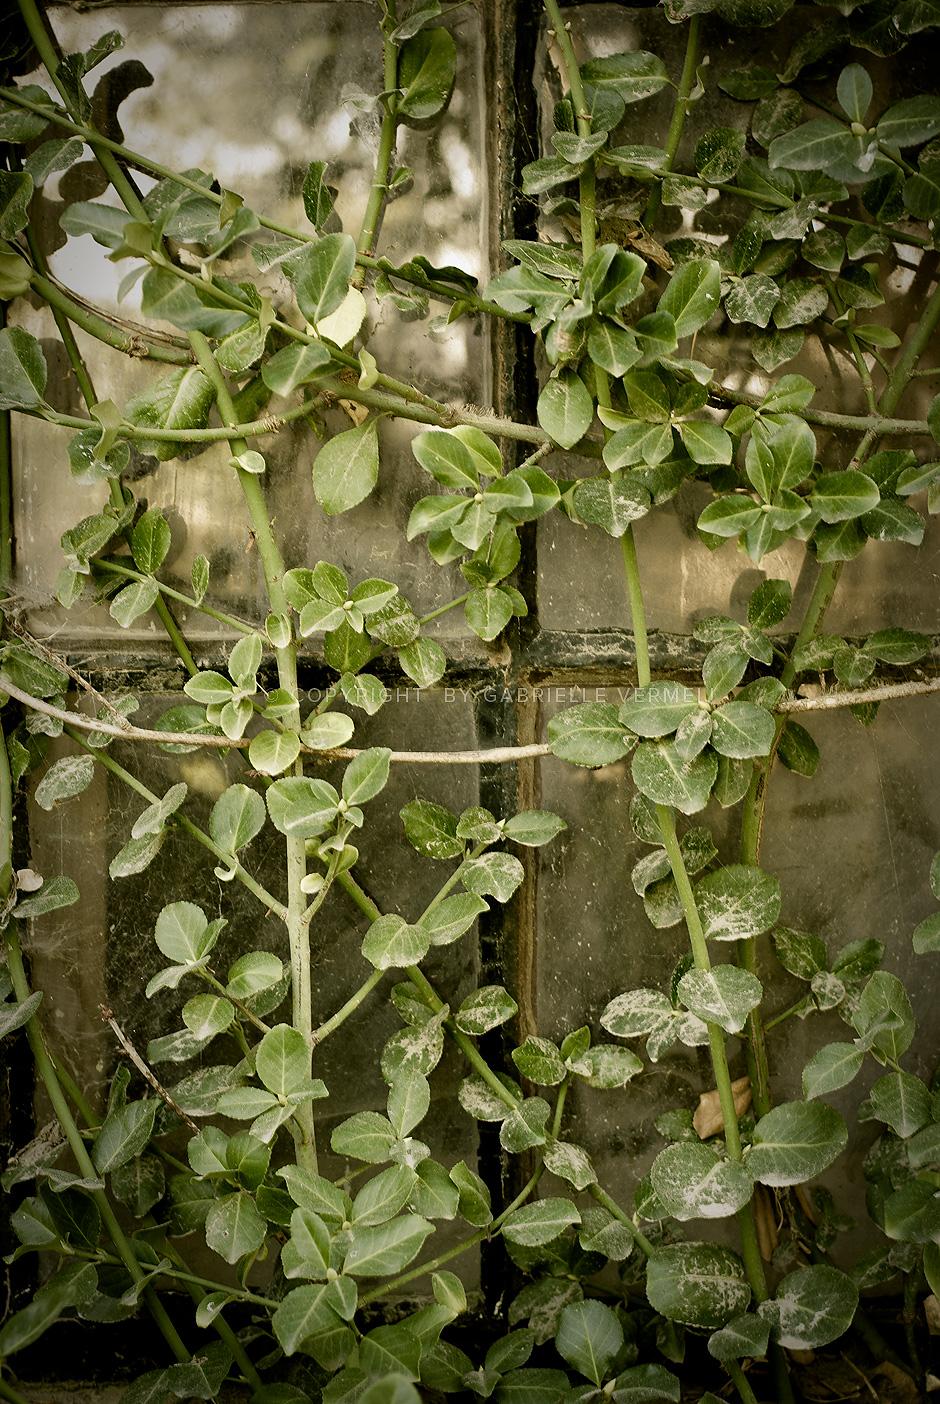 Farm window covers by plants by Gabrielle Vermeij